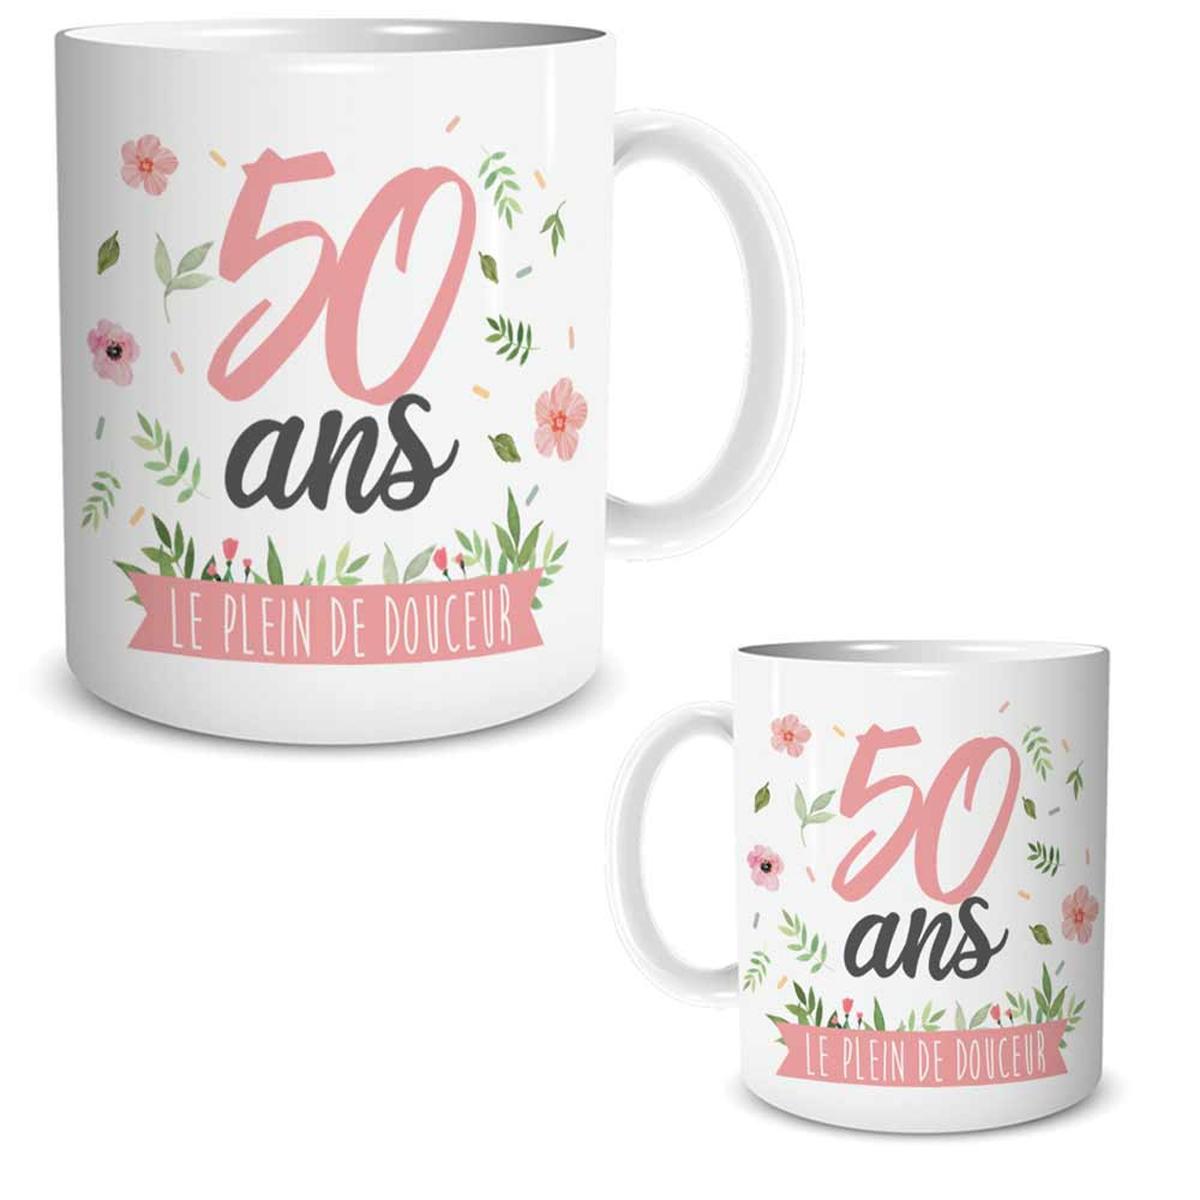 Mug céramique \'50 ans \' blanc rose (le plein de douceur) - 95x80 mm - [R1879]